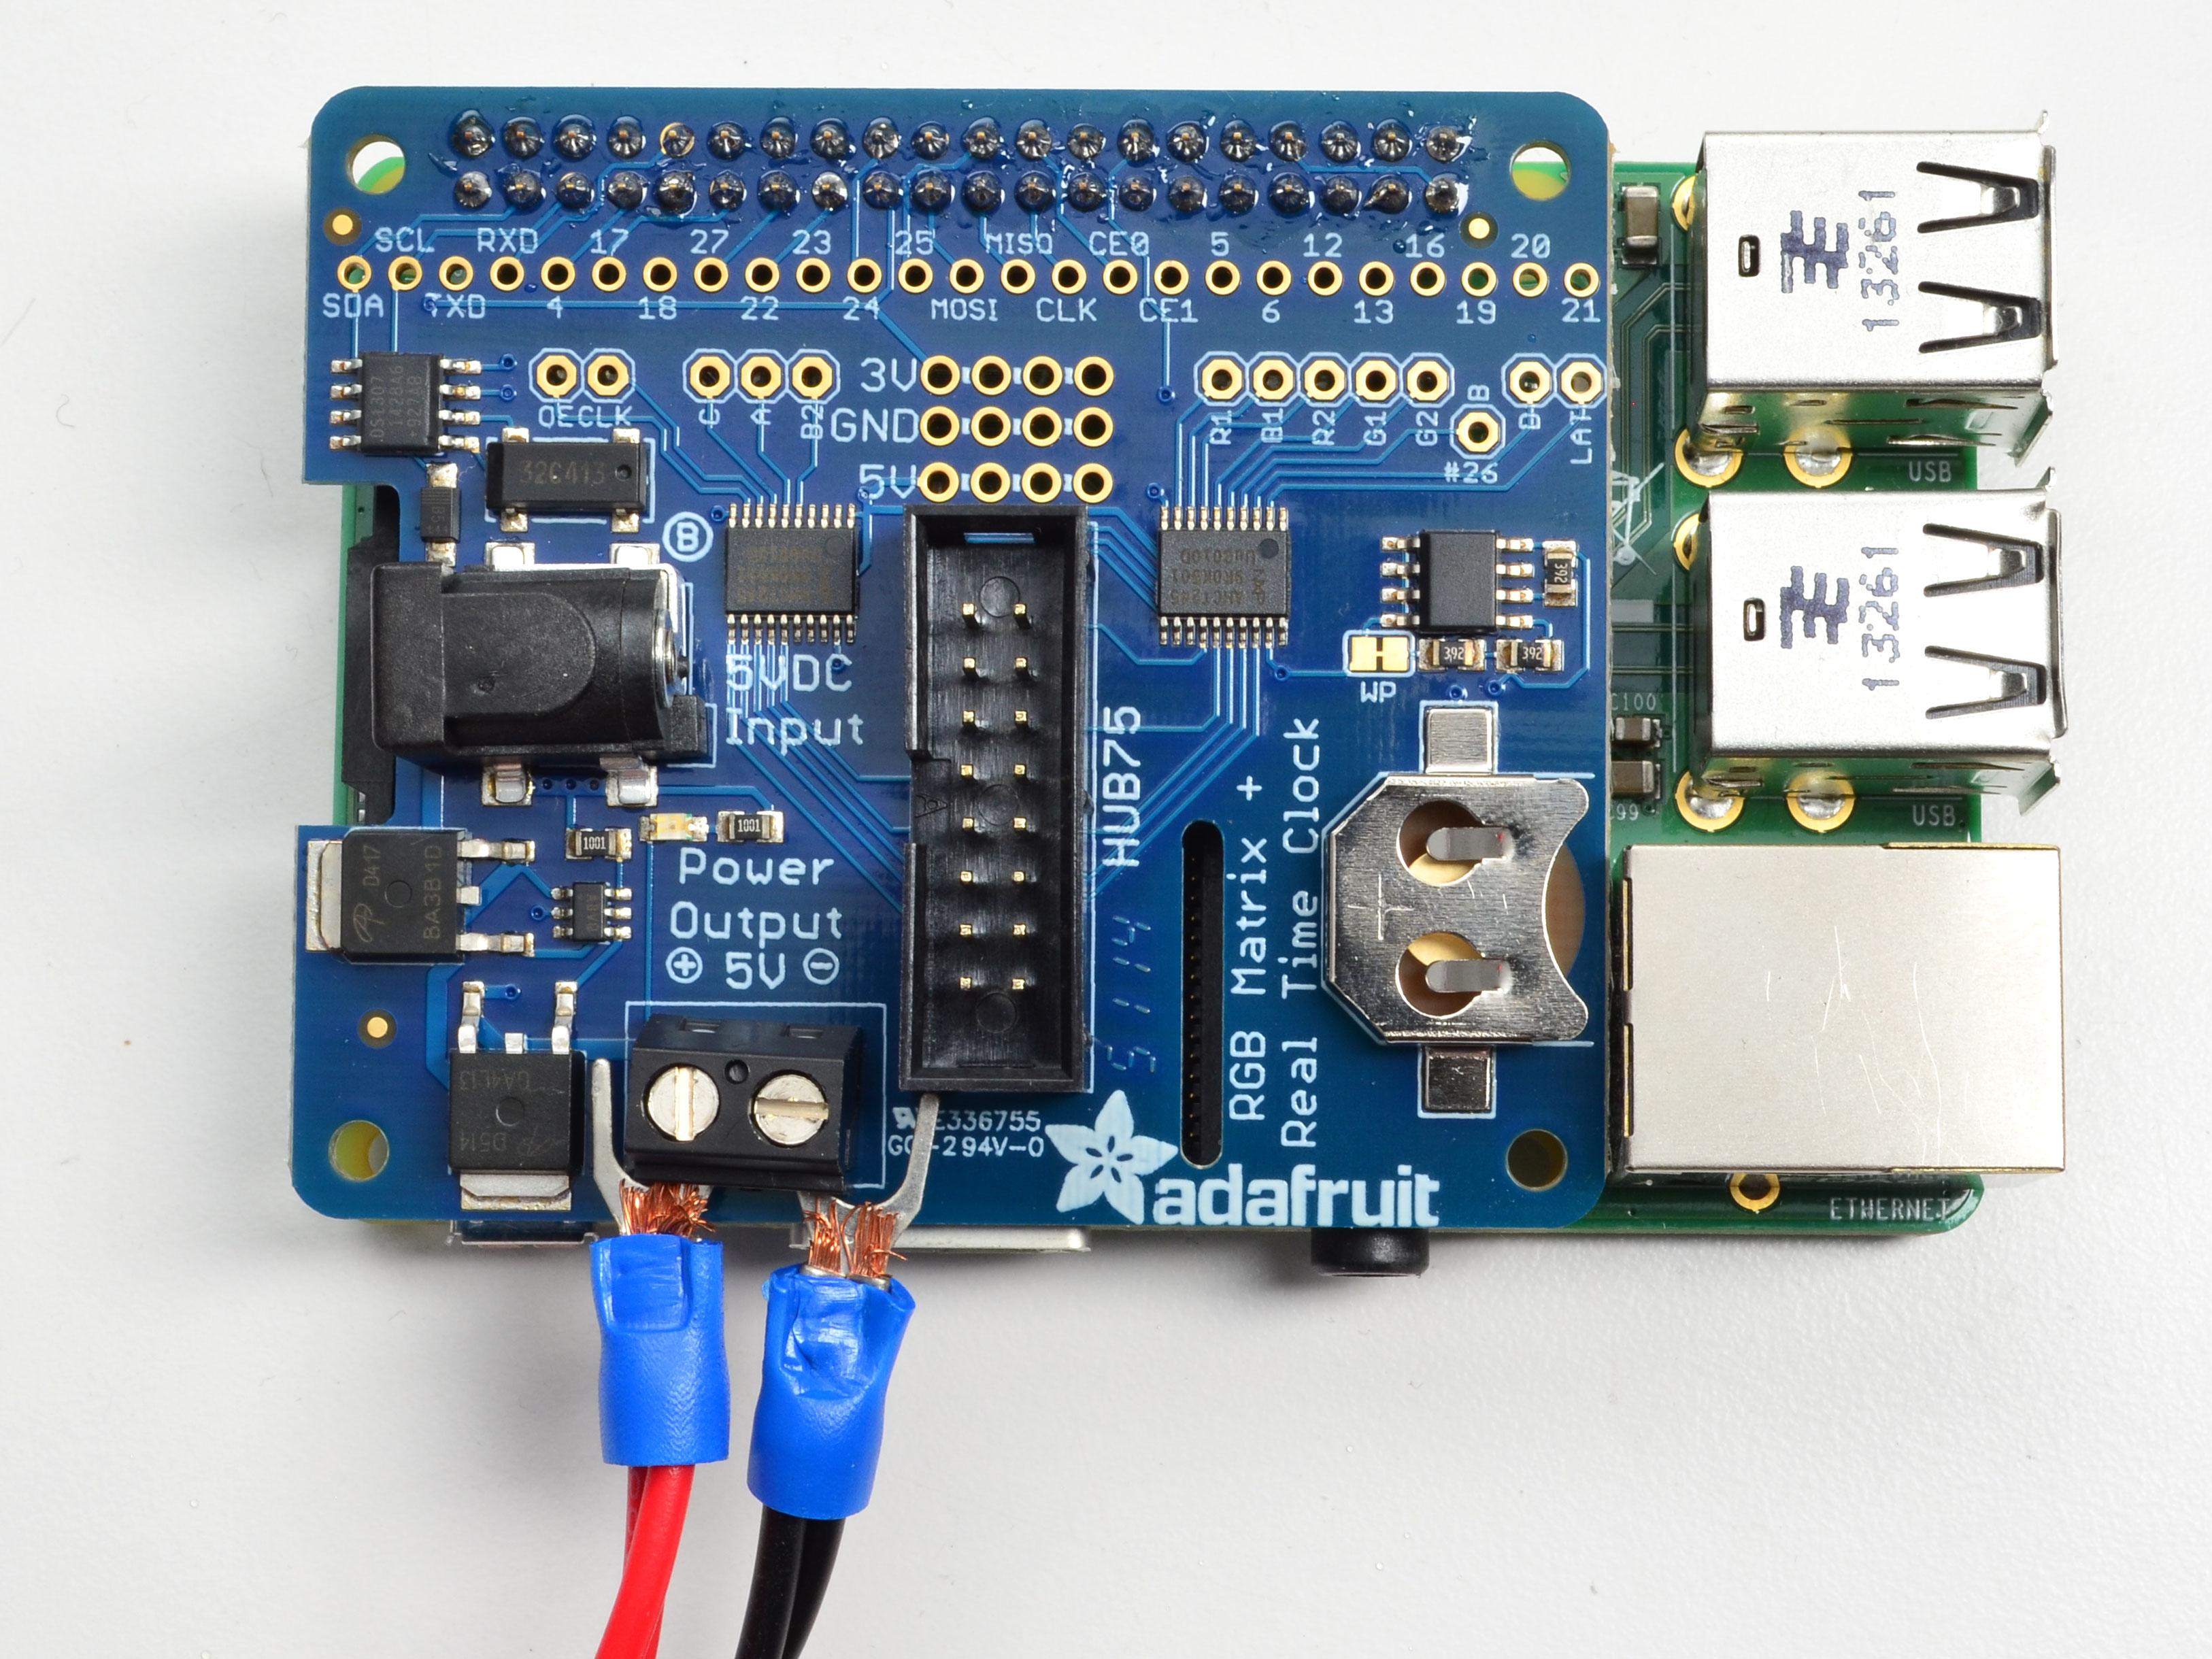 led_matrices_leds_plugspades.jpg